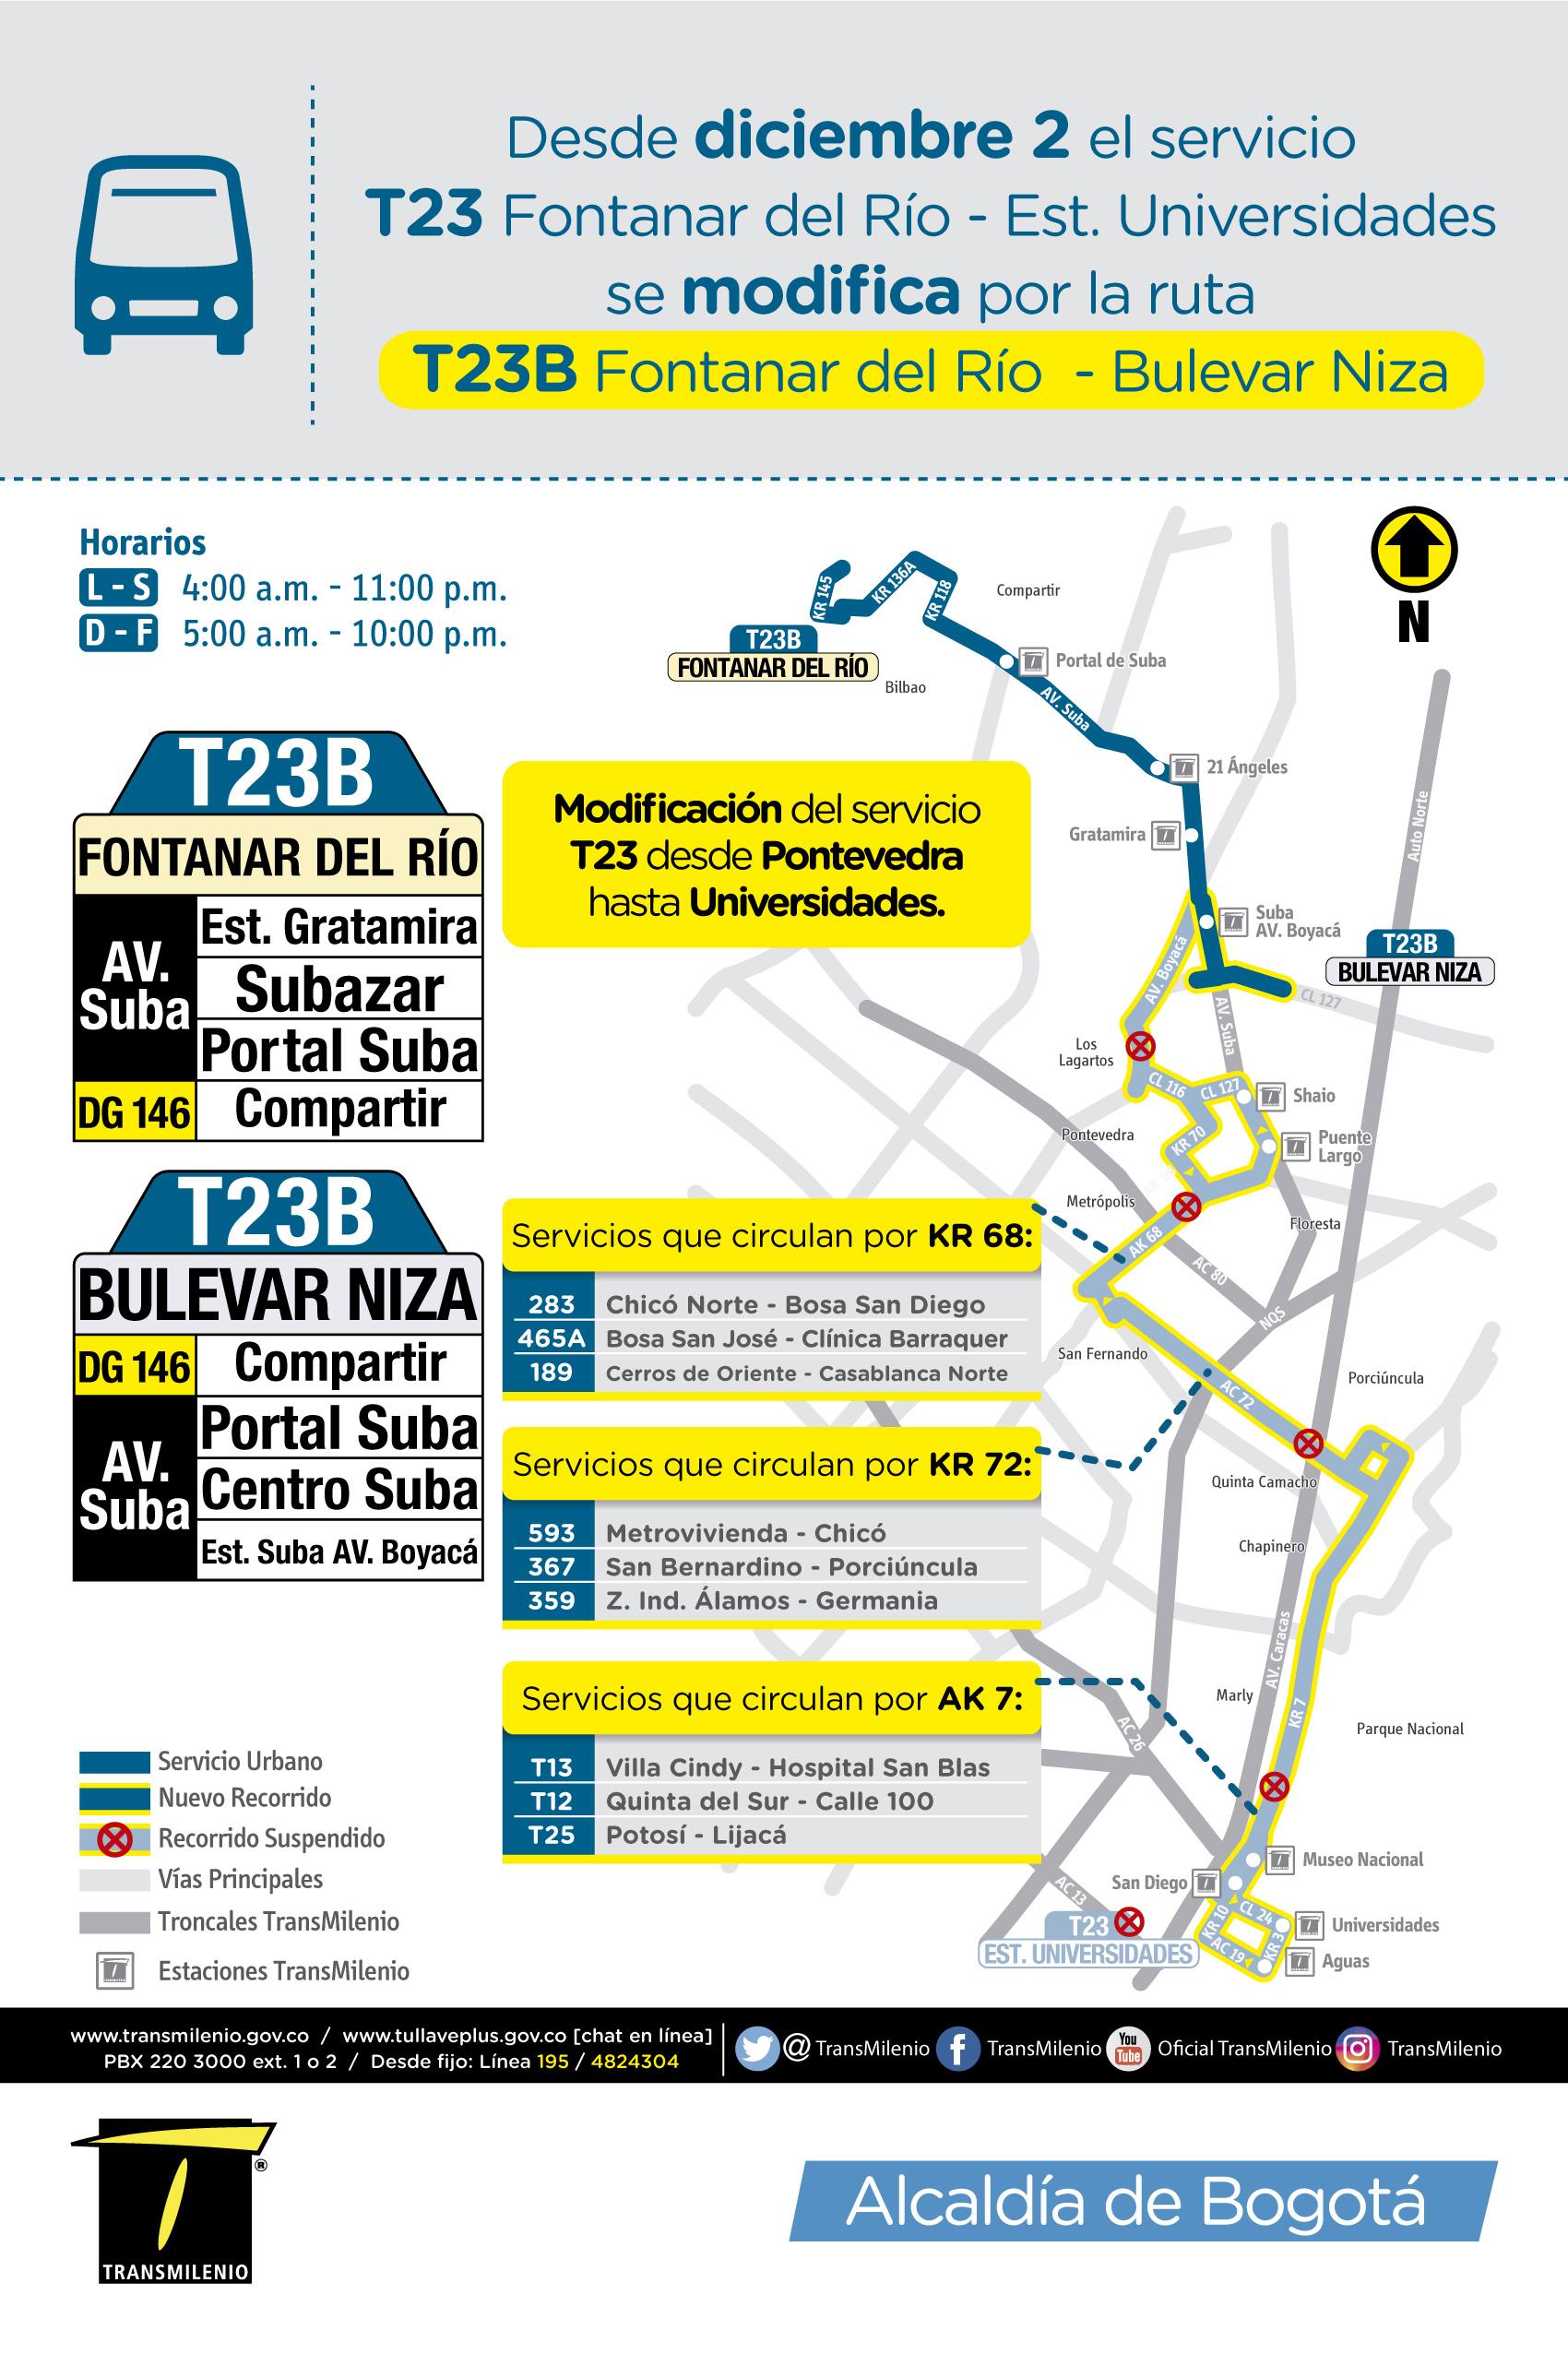 Mapa de la ruta TC23 cambia a TC23B